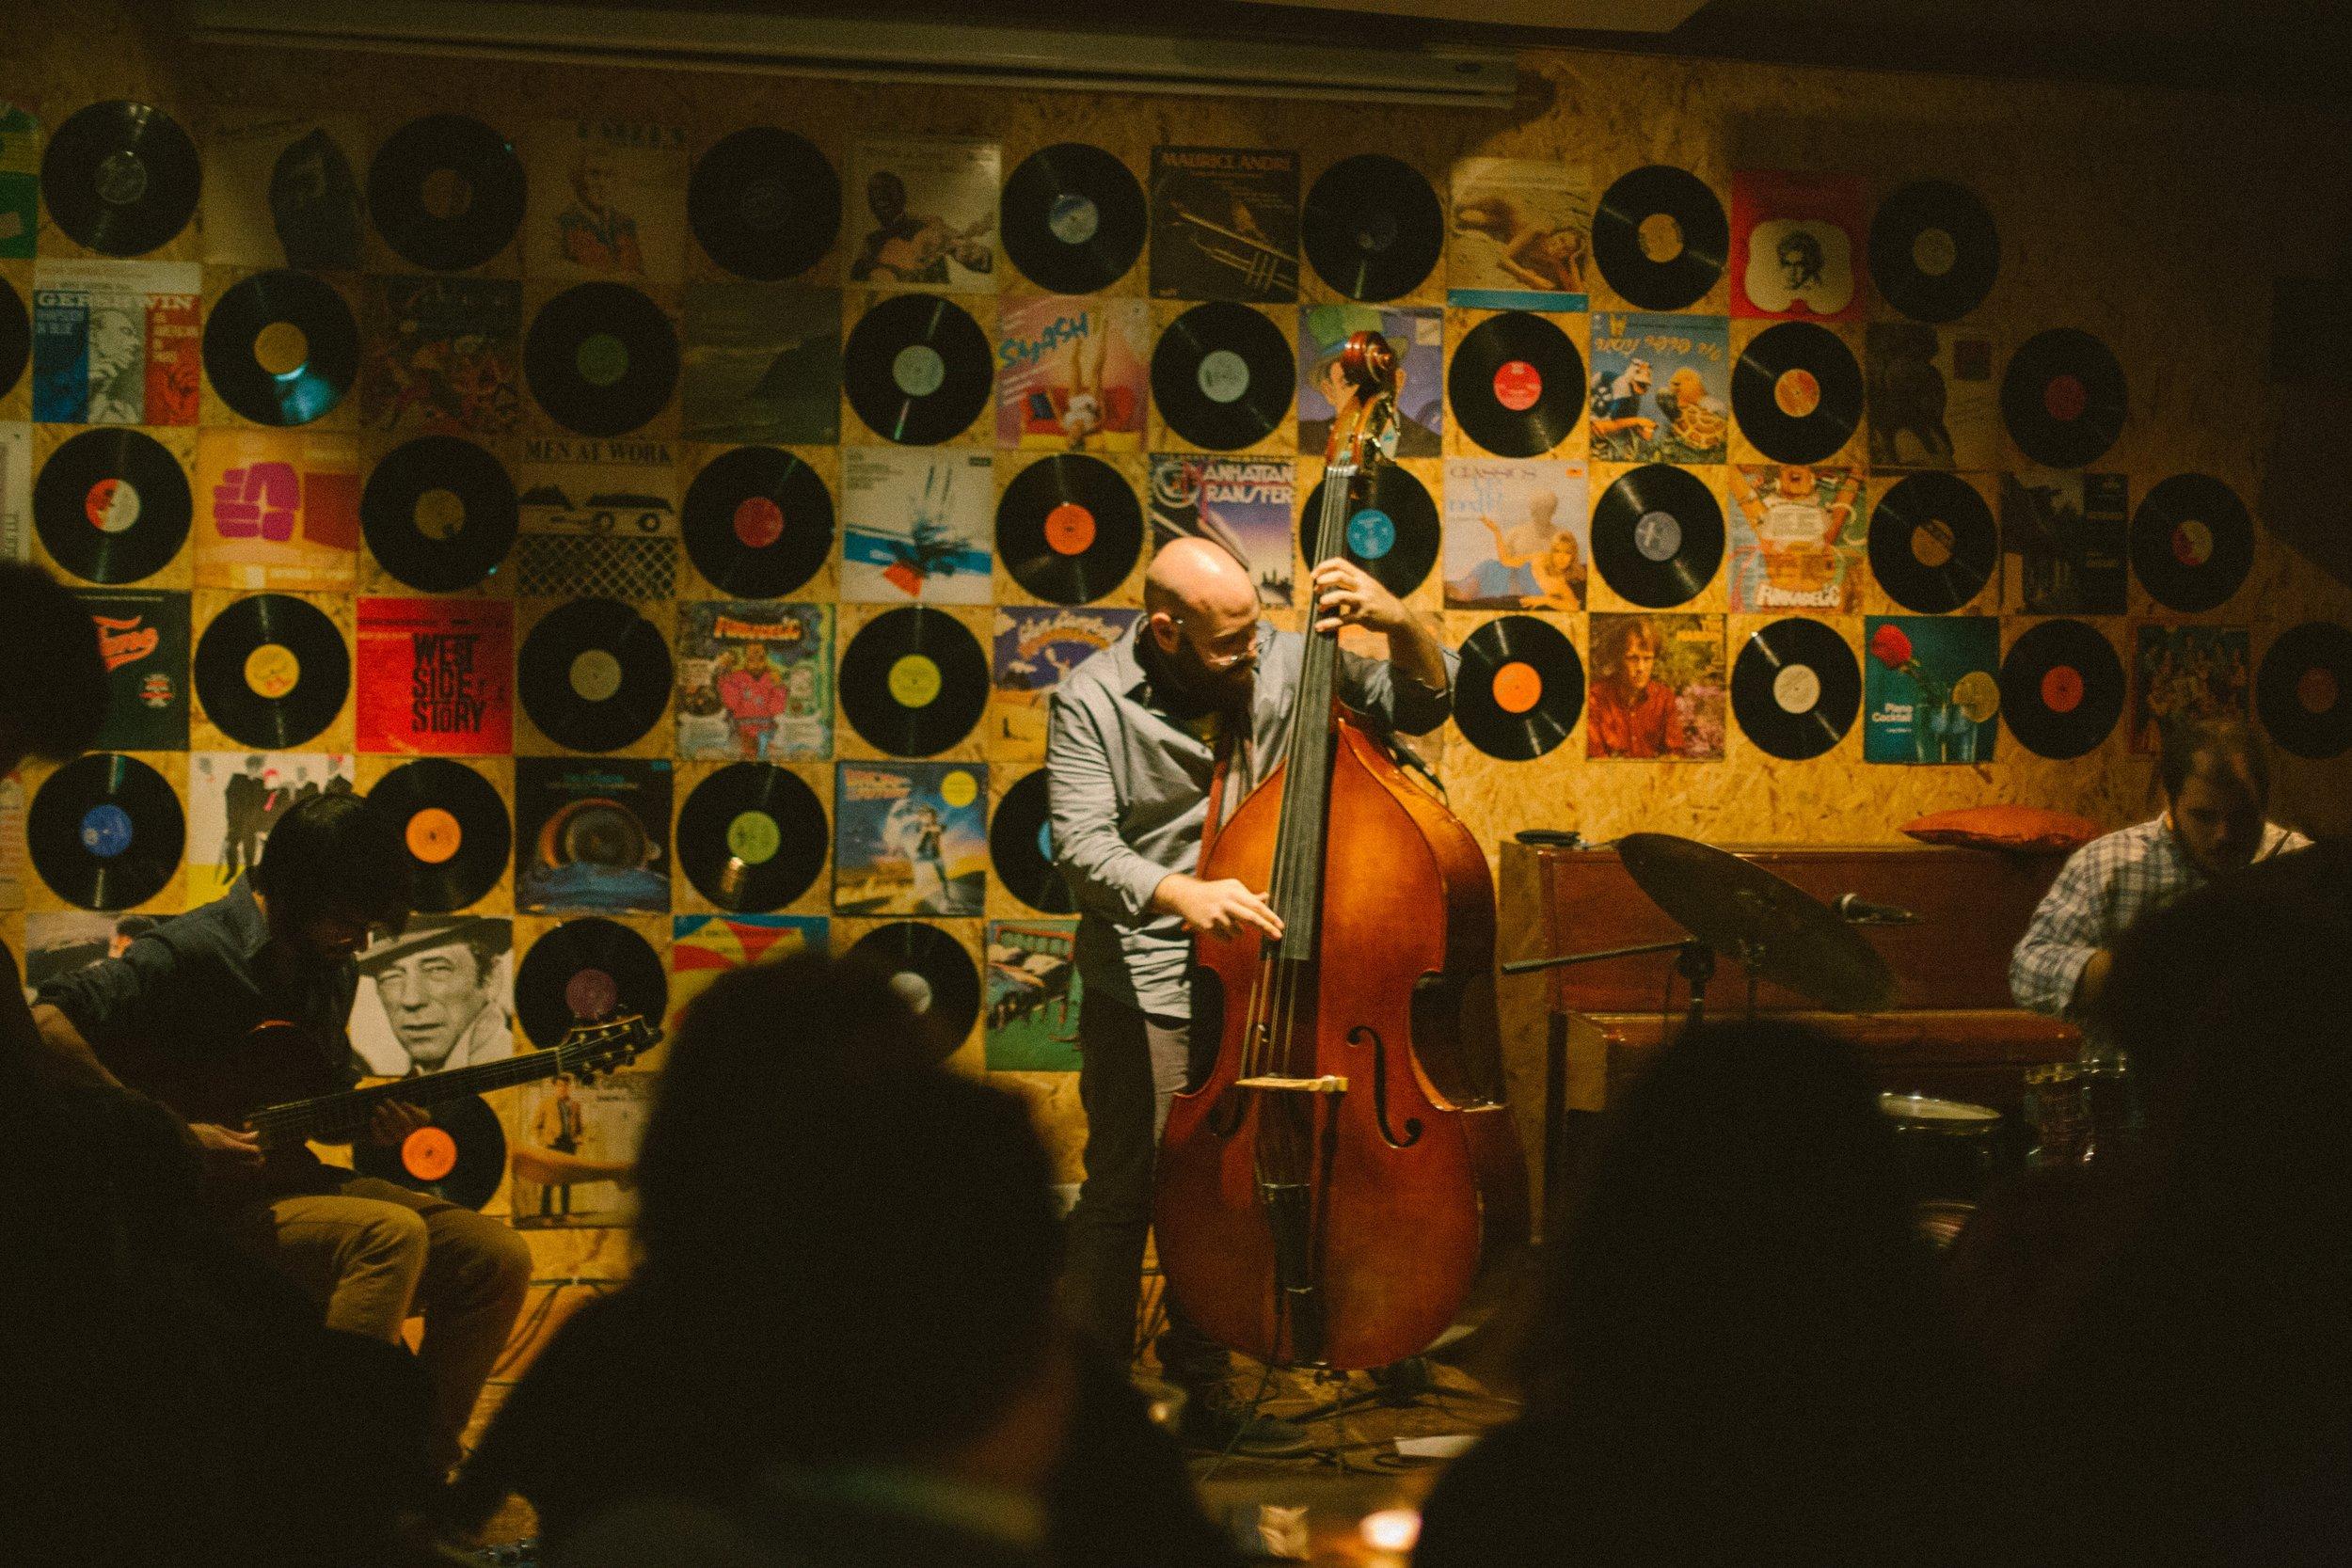 Live at Hoodna, Tel Aviv, Israel By Yair Taragano